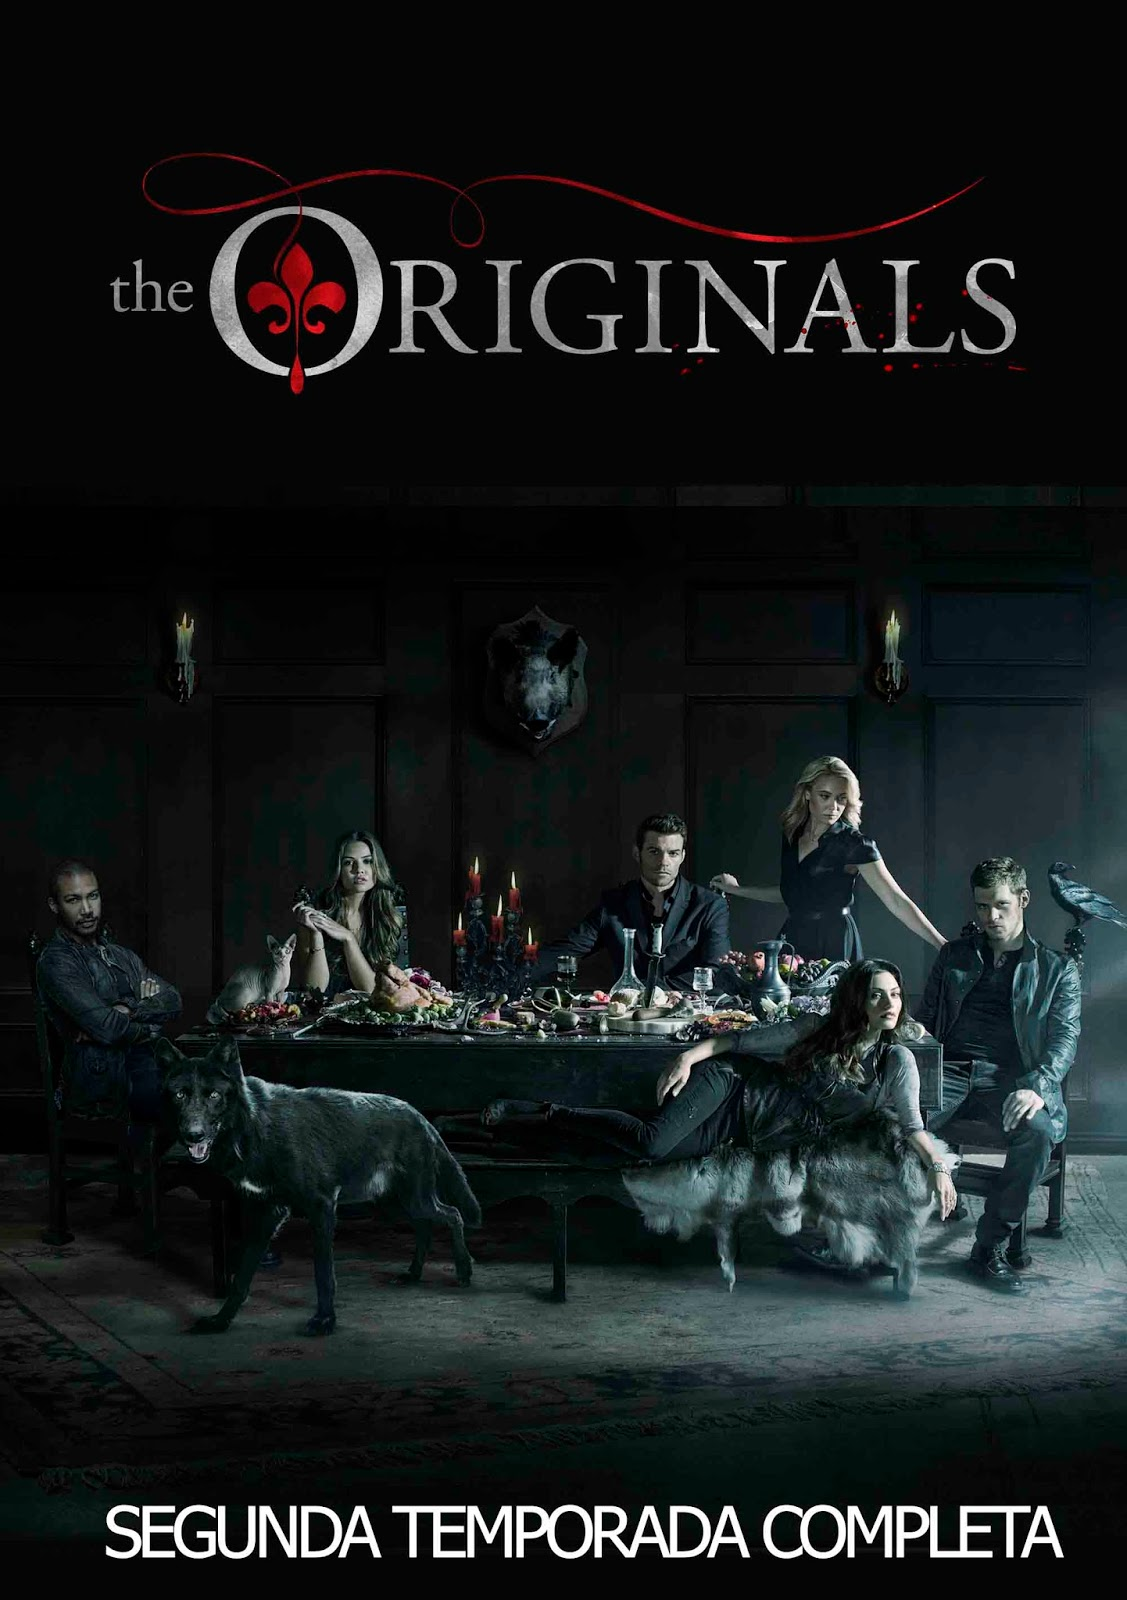 The Originals 2ª Temporada Torrent - Blu-ray Rip 720p Dual Áudio (2015)